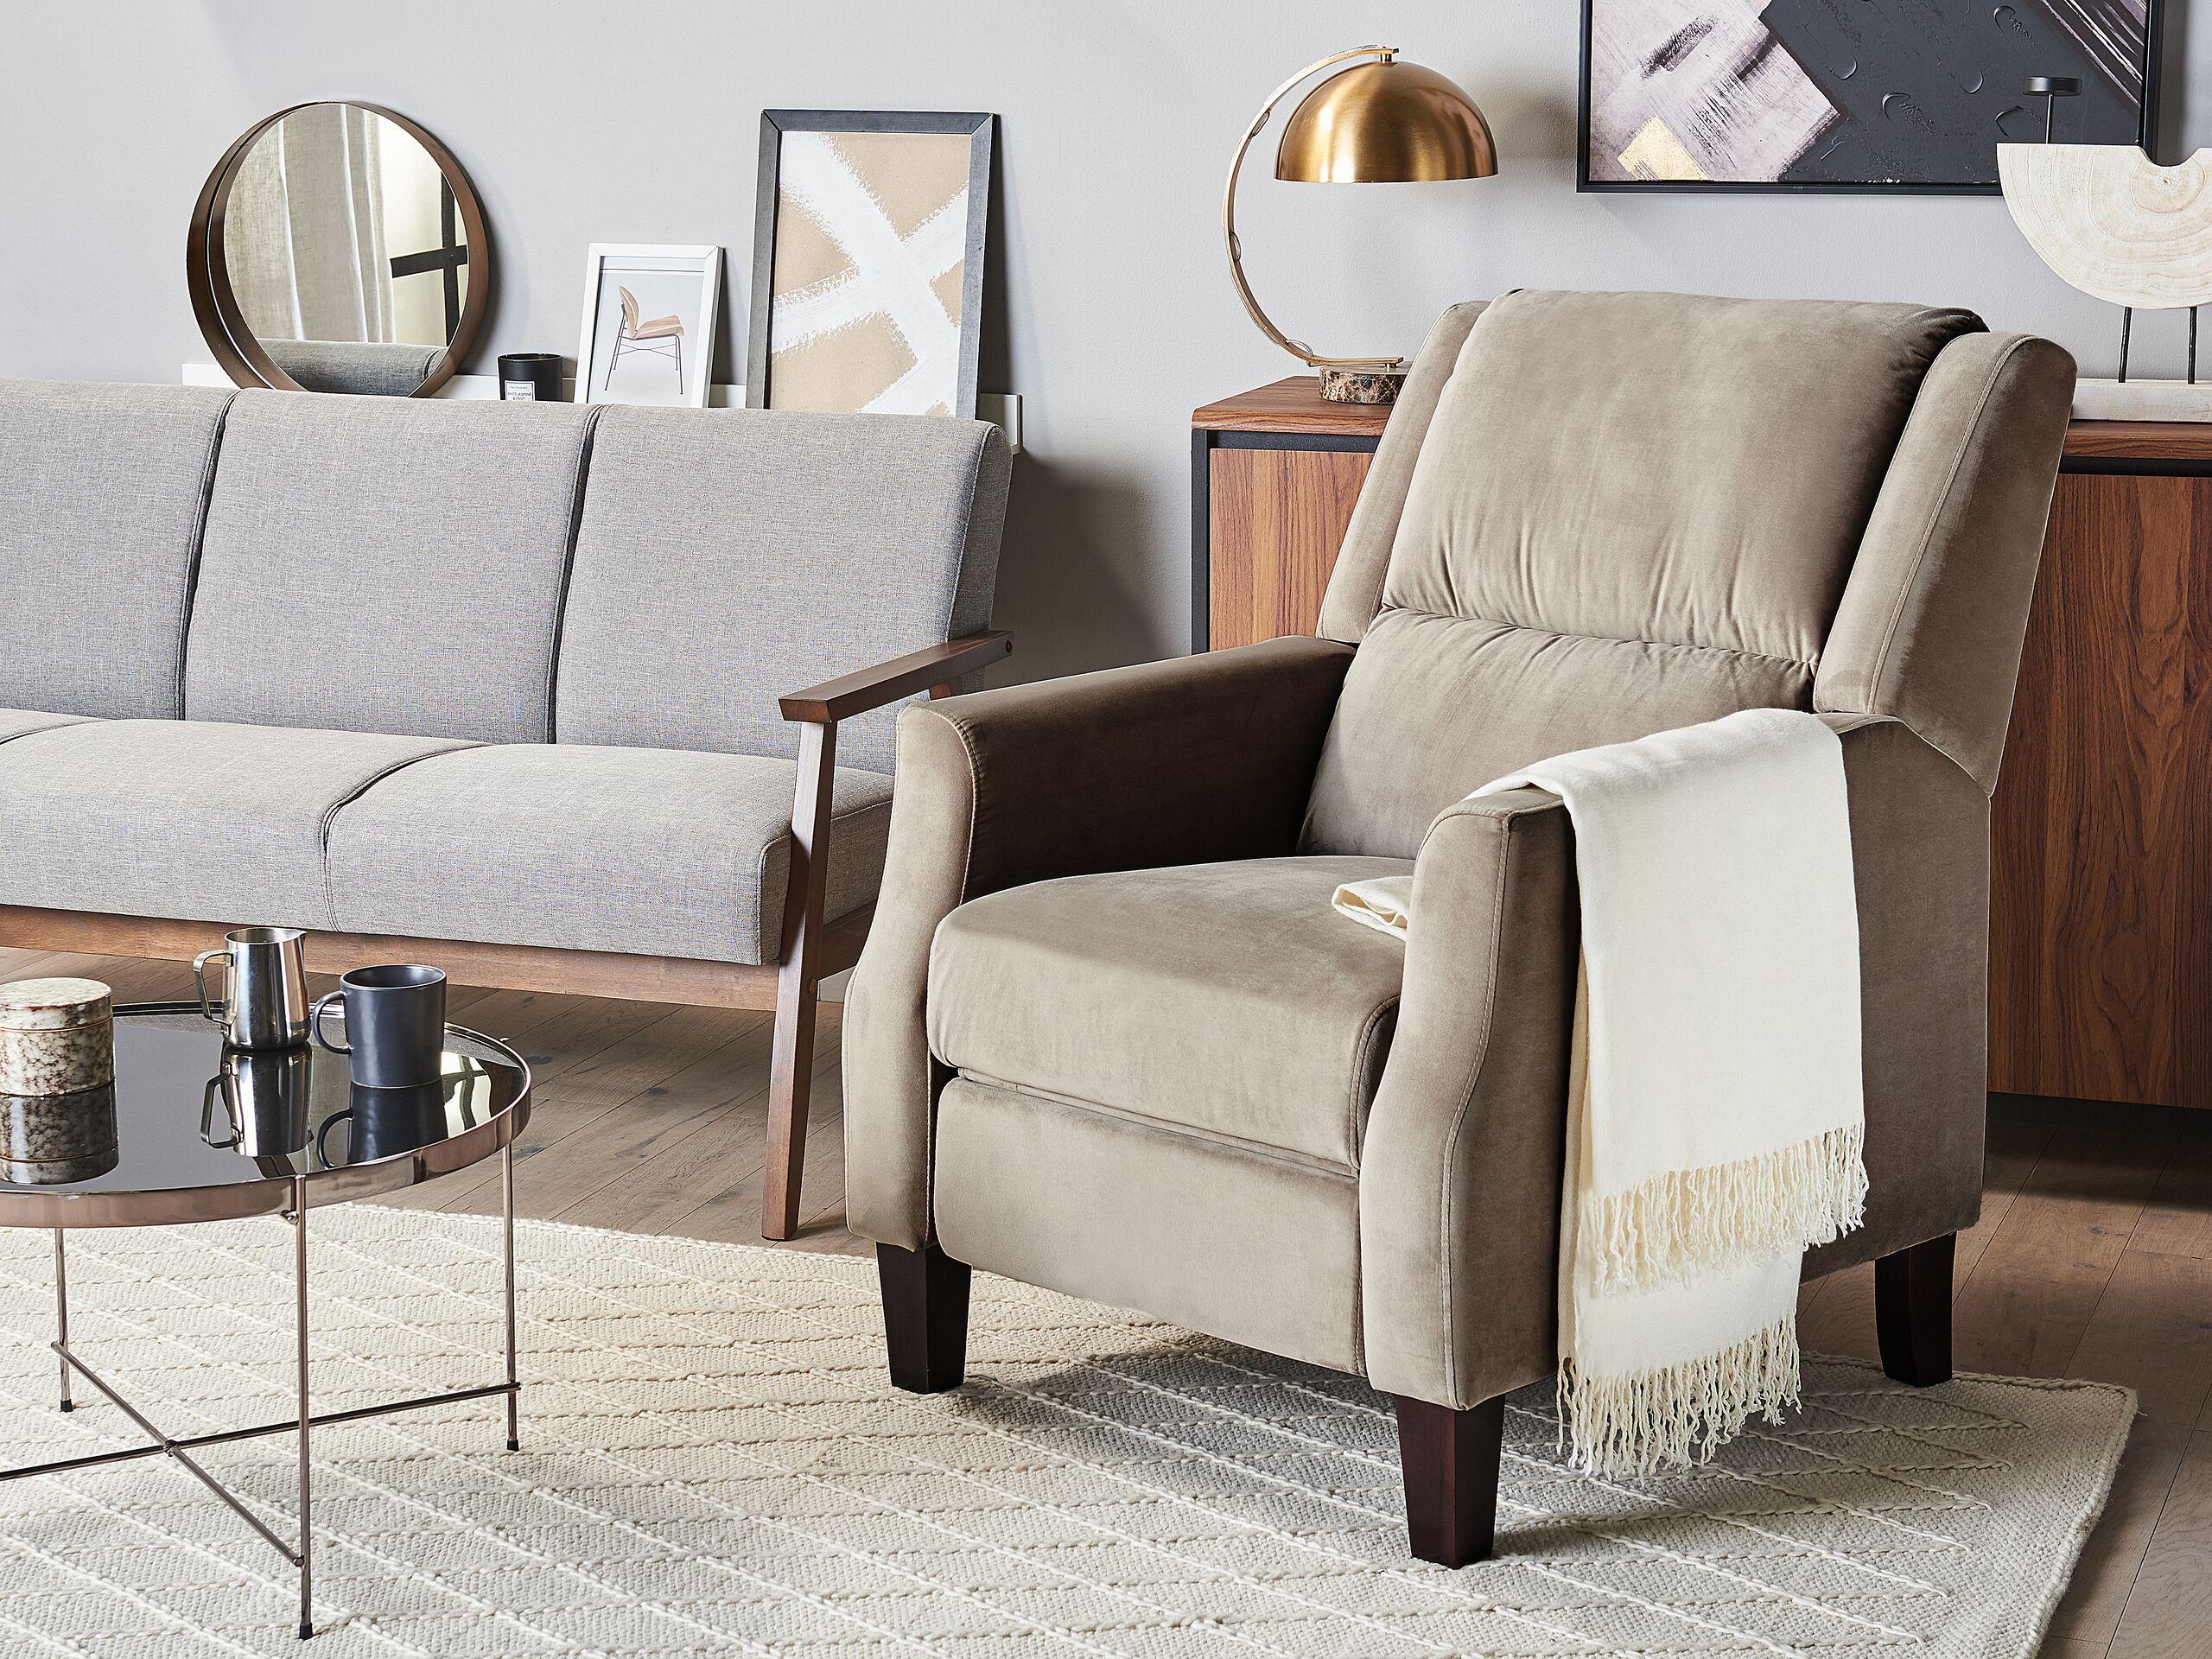 beliani poltrona relax da soggiorno in stile vintage reclinabile a mano in velluto grig